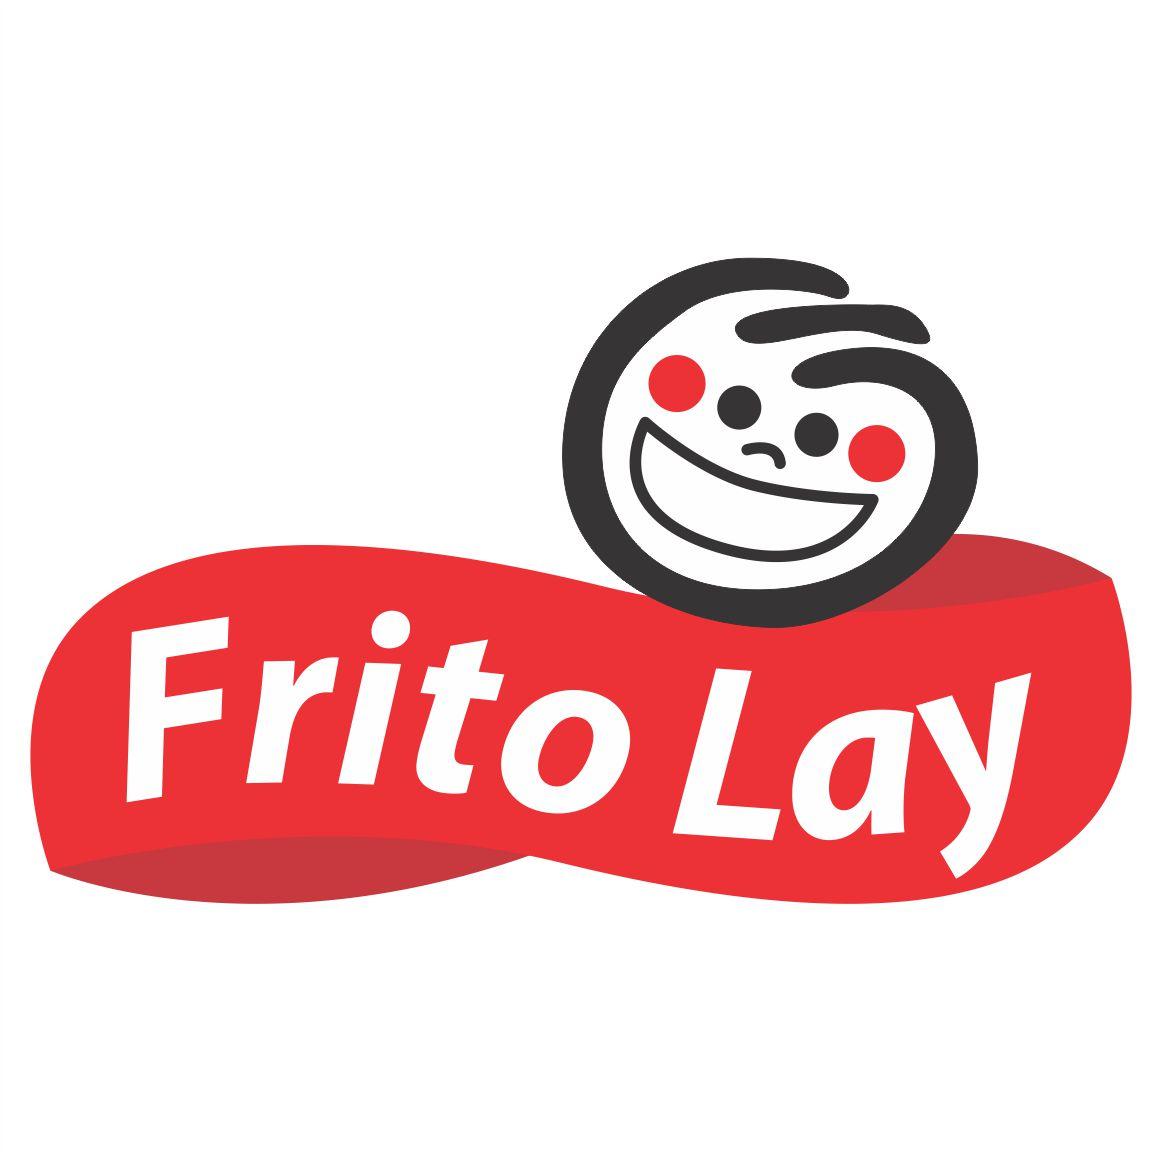 Descargar Logo Frito Lay en Vector Gratis